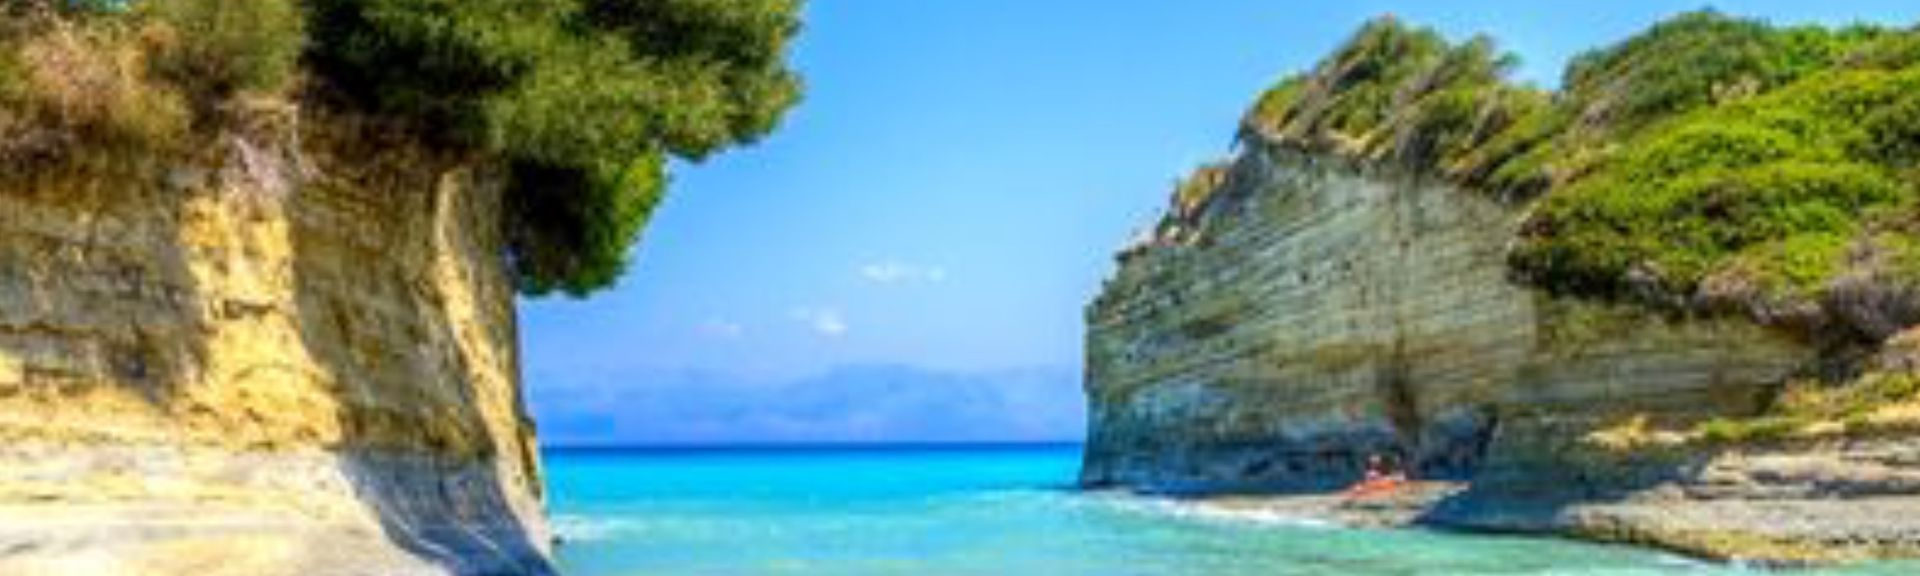 Arillas, Korfu, Region der Ionischen Inseln, Griechenland